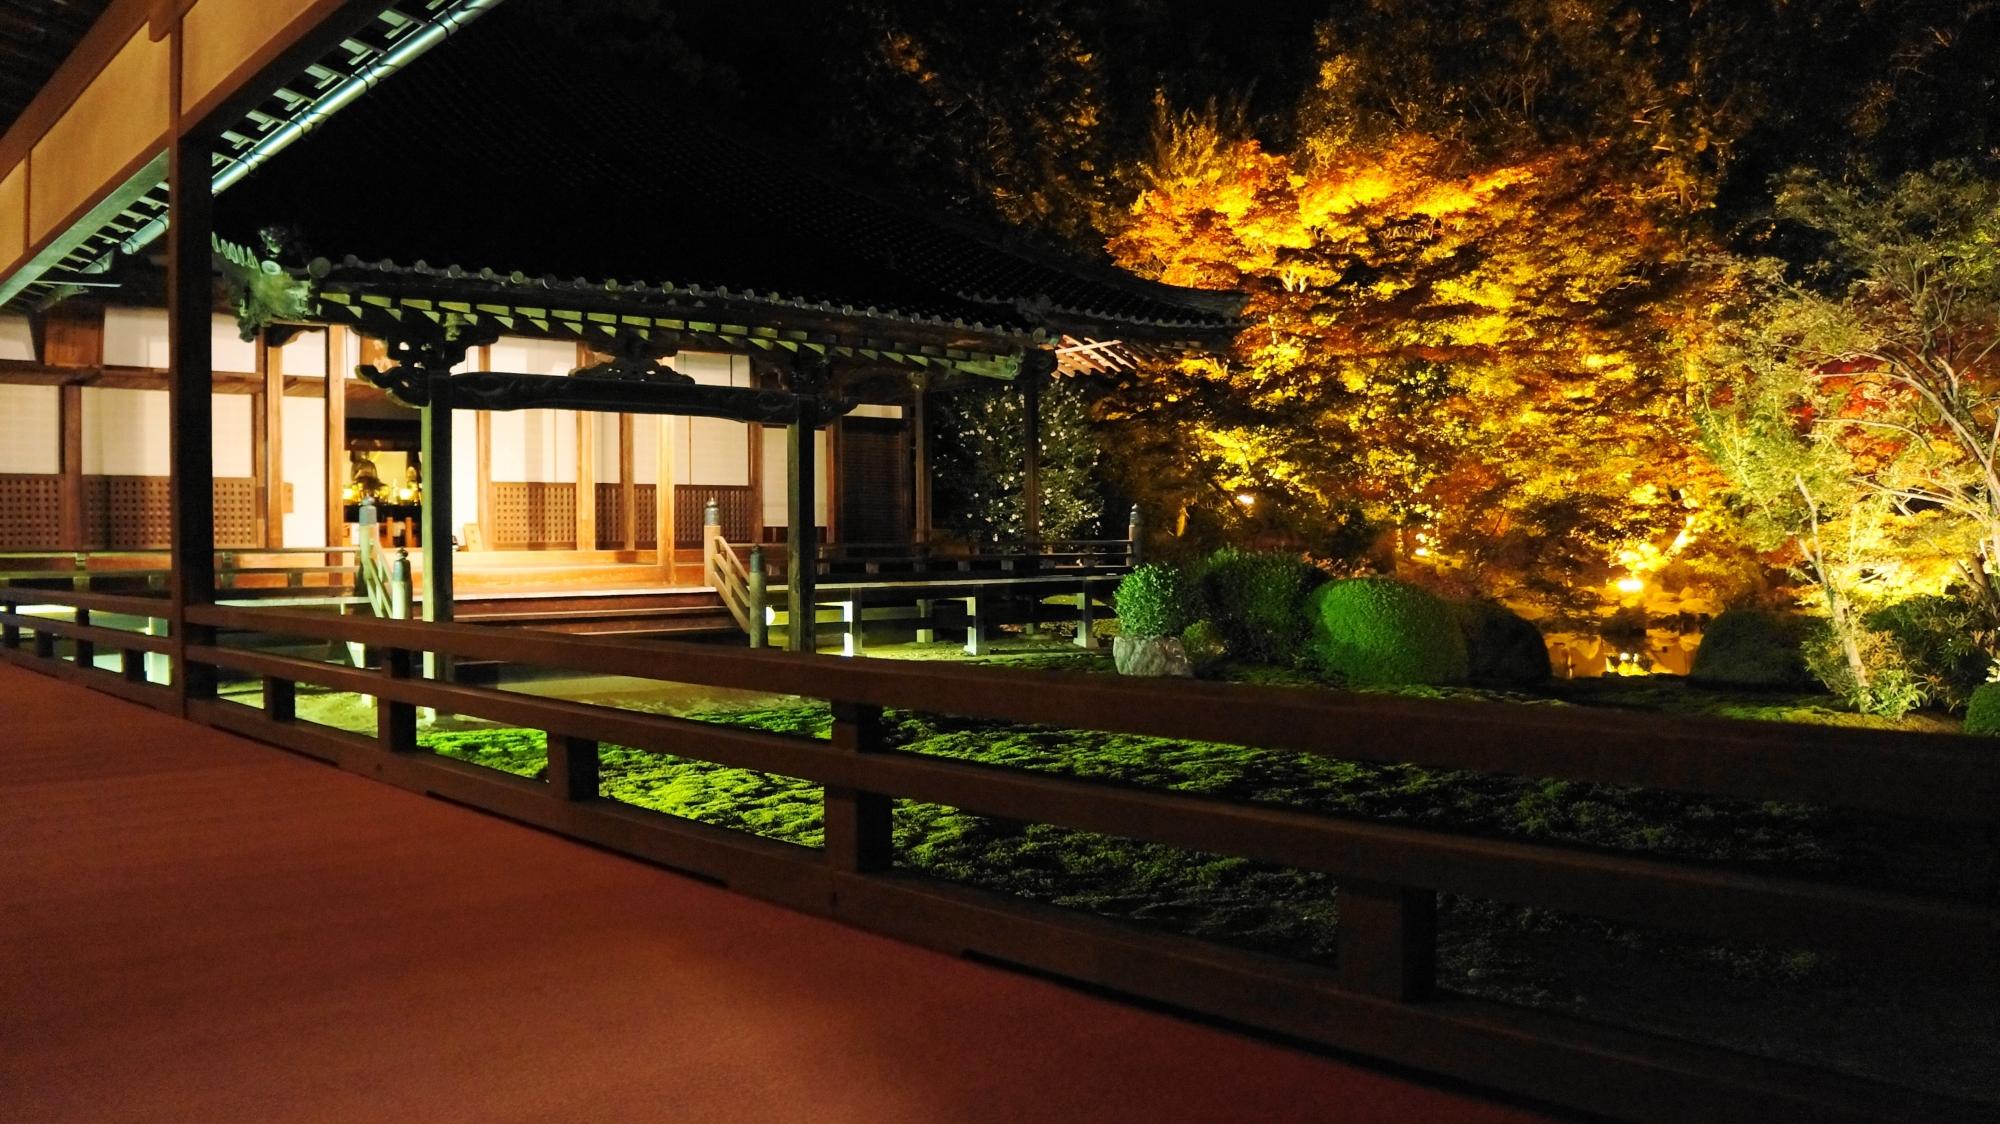 随心院の本堂とライトアップされた幽玄な紅葉